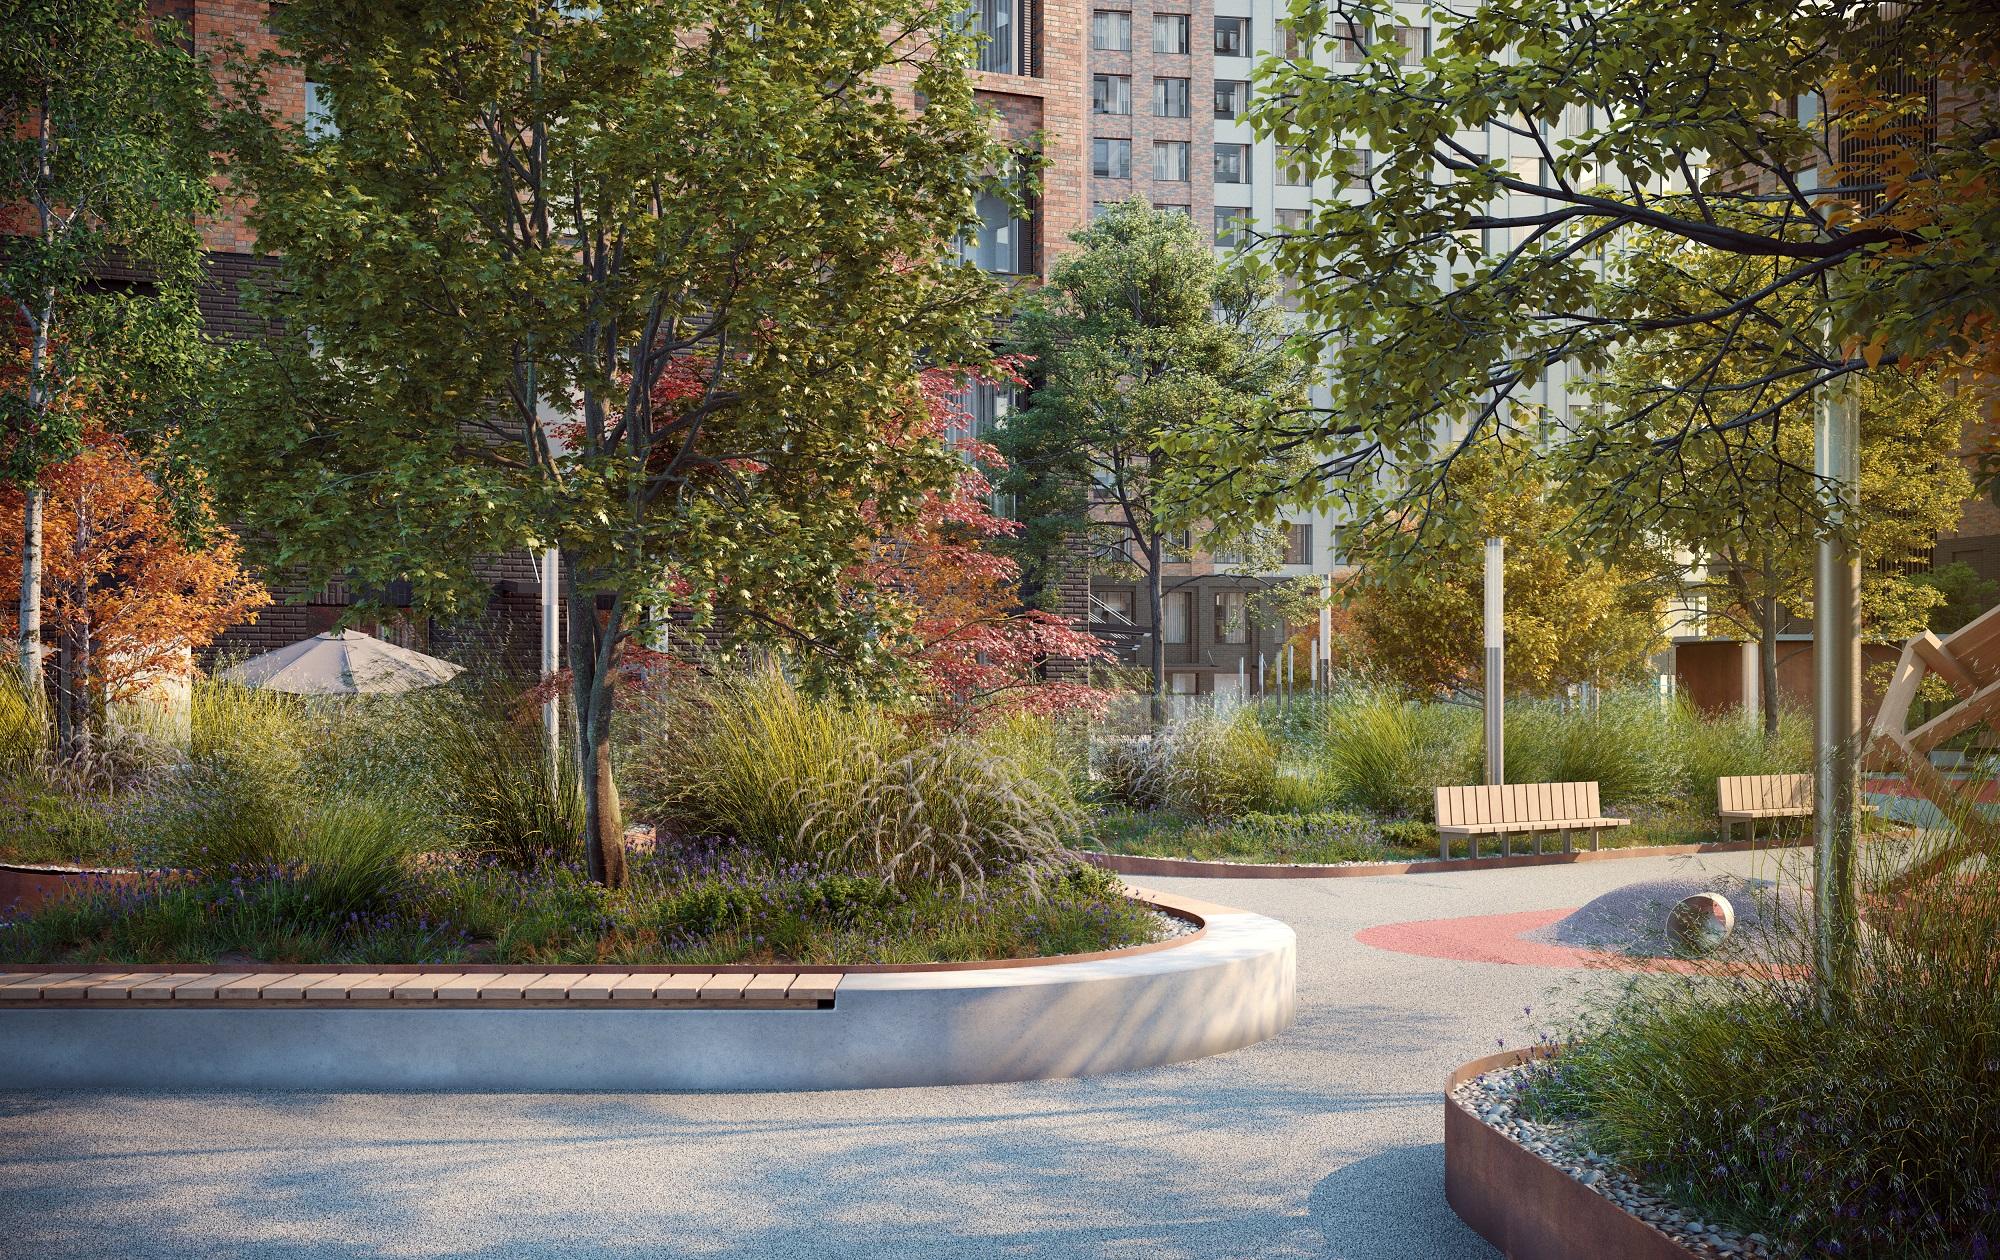 «Главстрой» запускает уникальную социокультурную программу парков в жилых кварталах